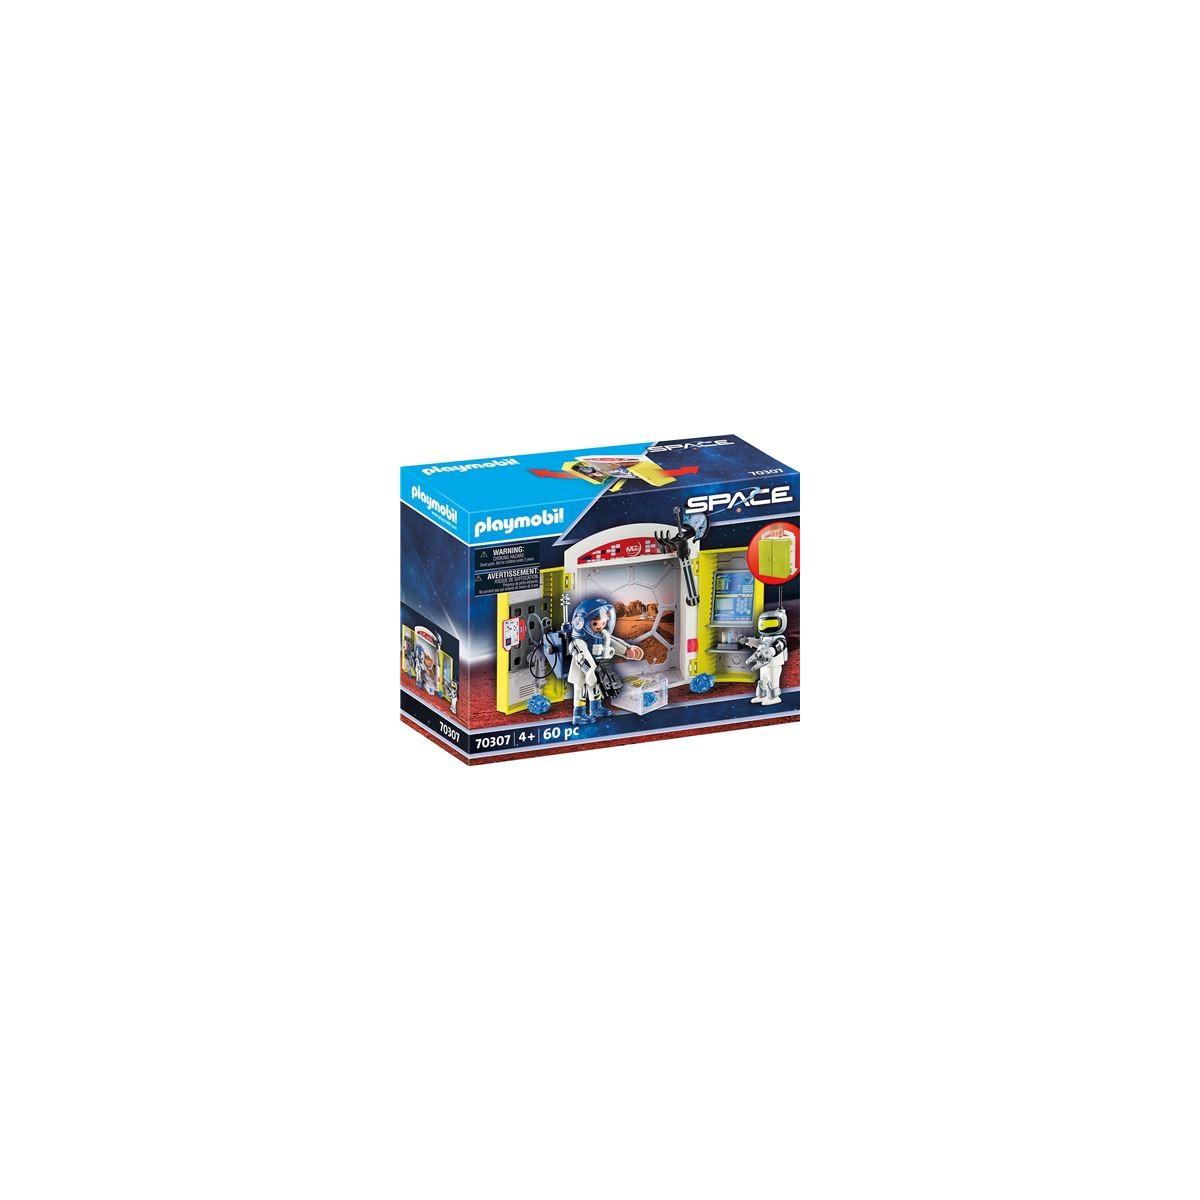 Spielwaren Krömer - Playmobil® 70307 - Space - Spielbox In bei Playmobil Raumstation